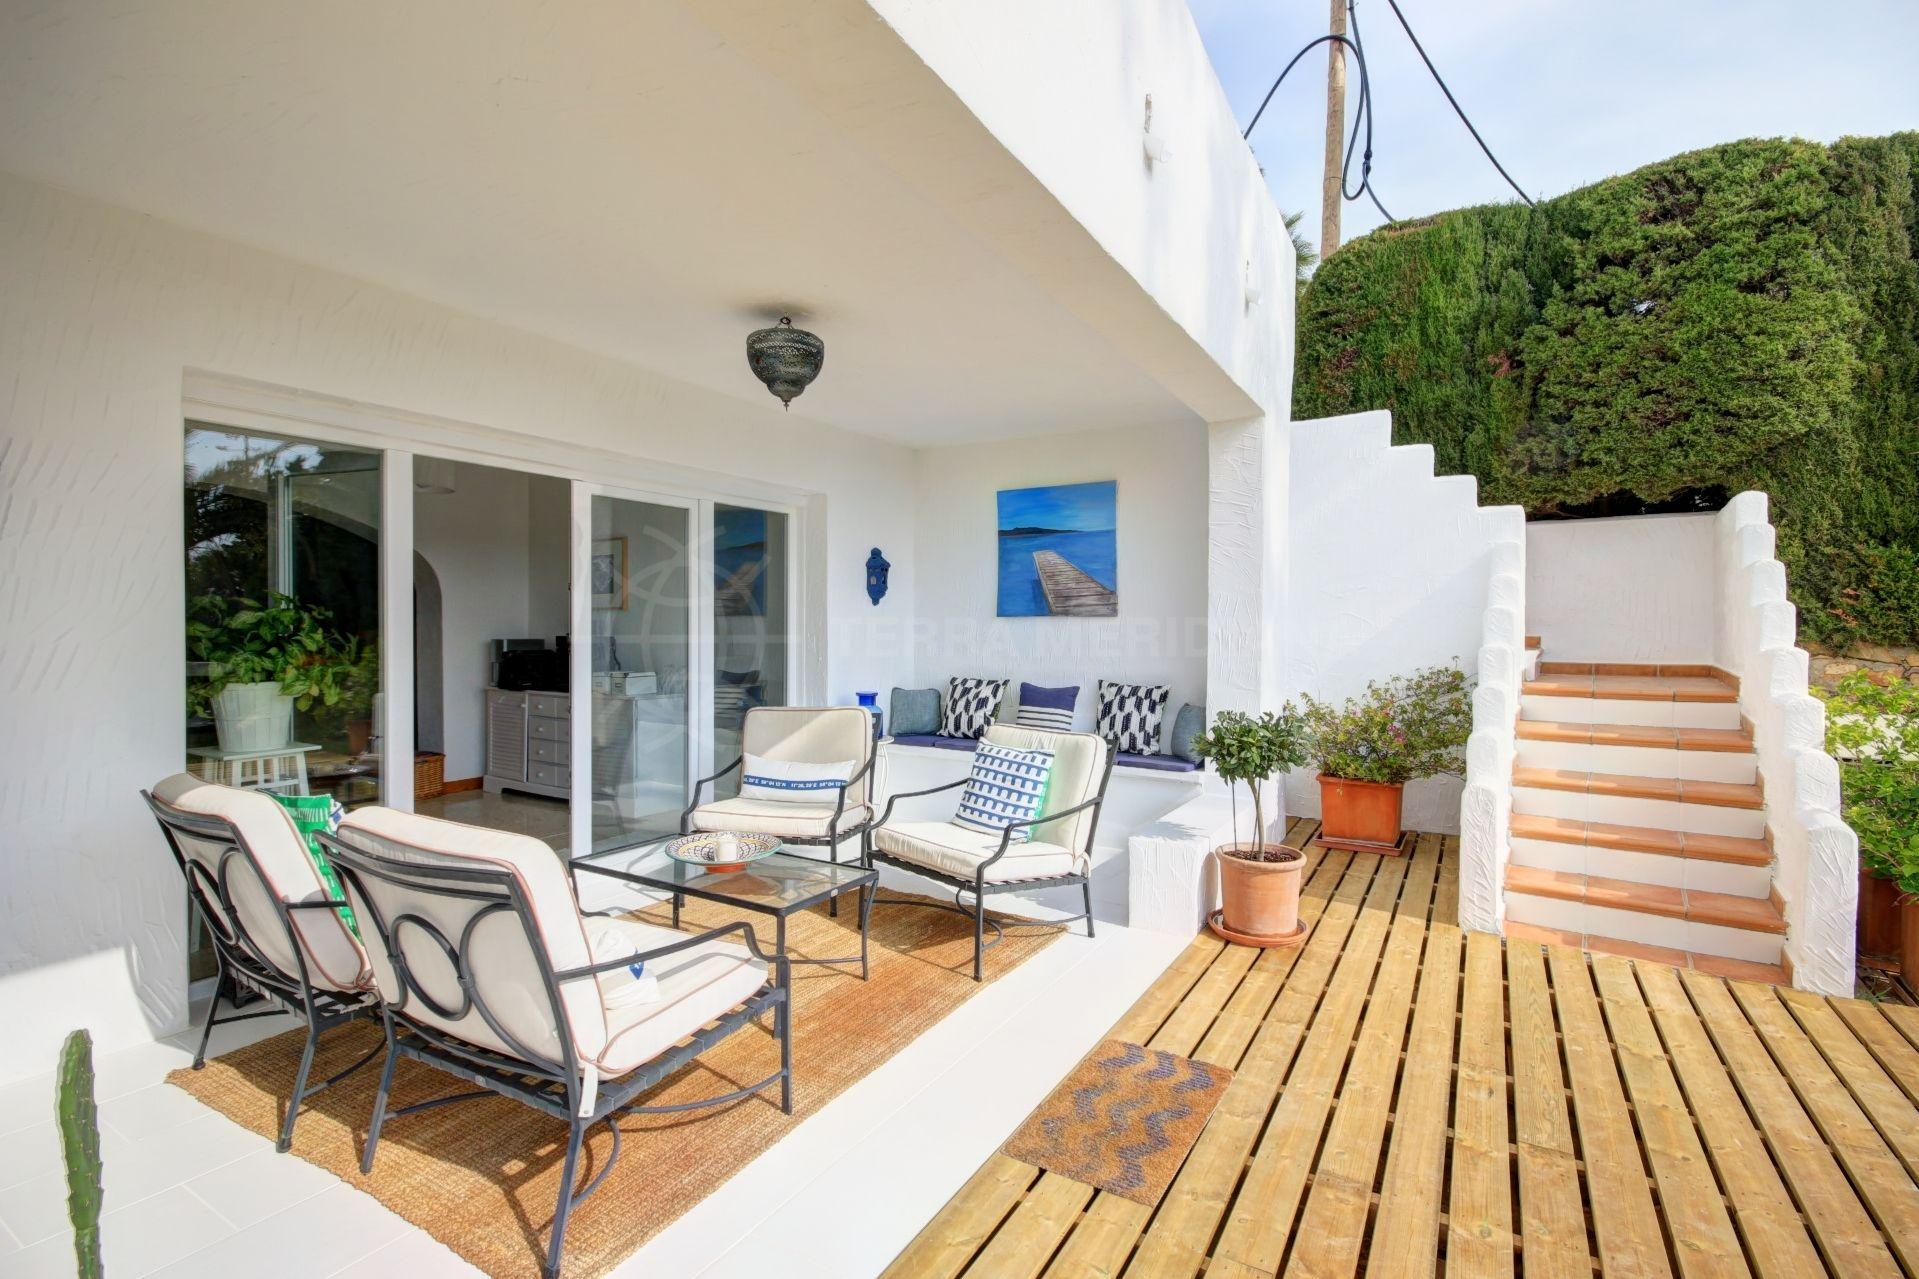 Villa en venta en valle romano con piscina privada y for Piscina jardin centro